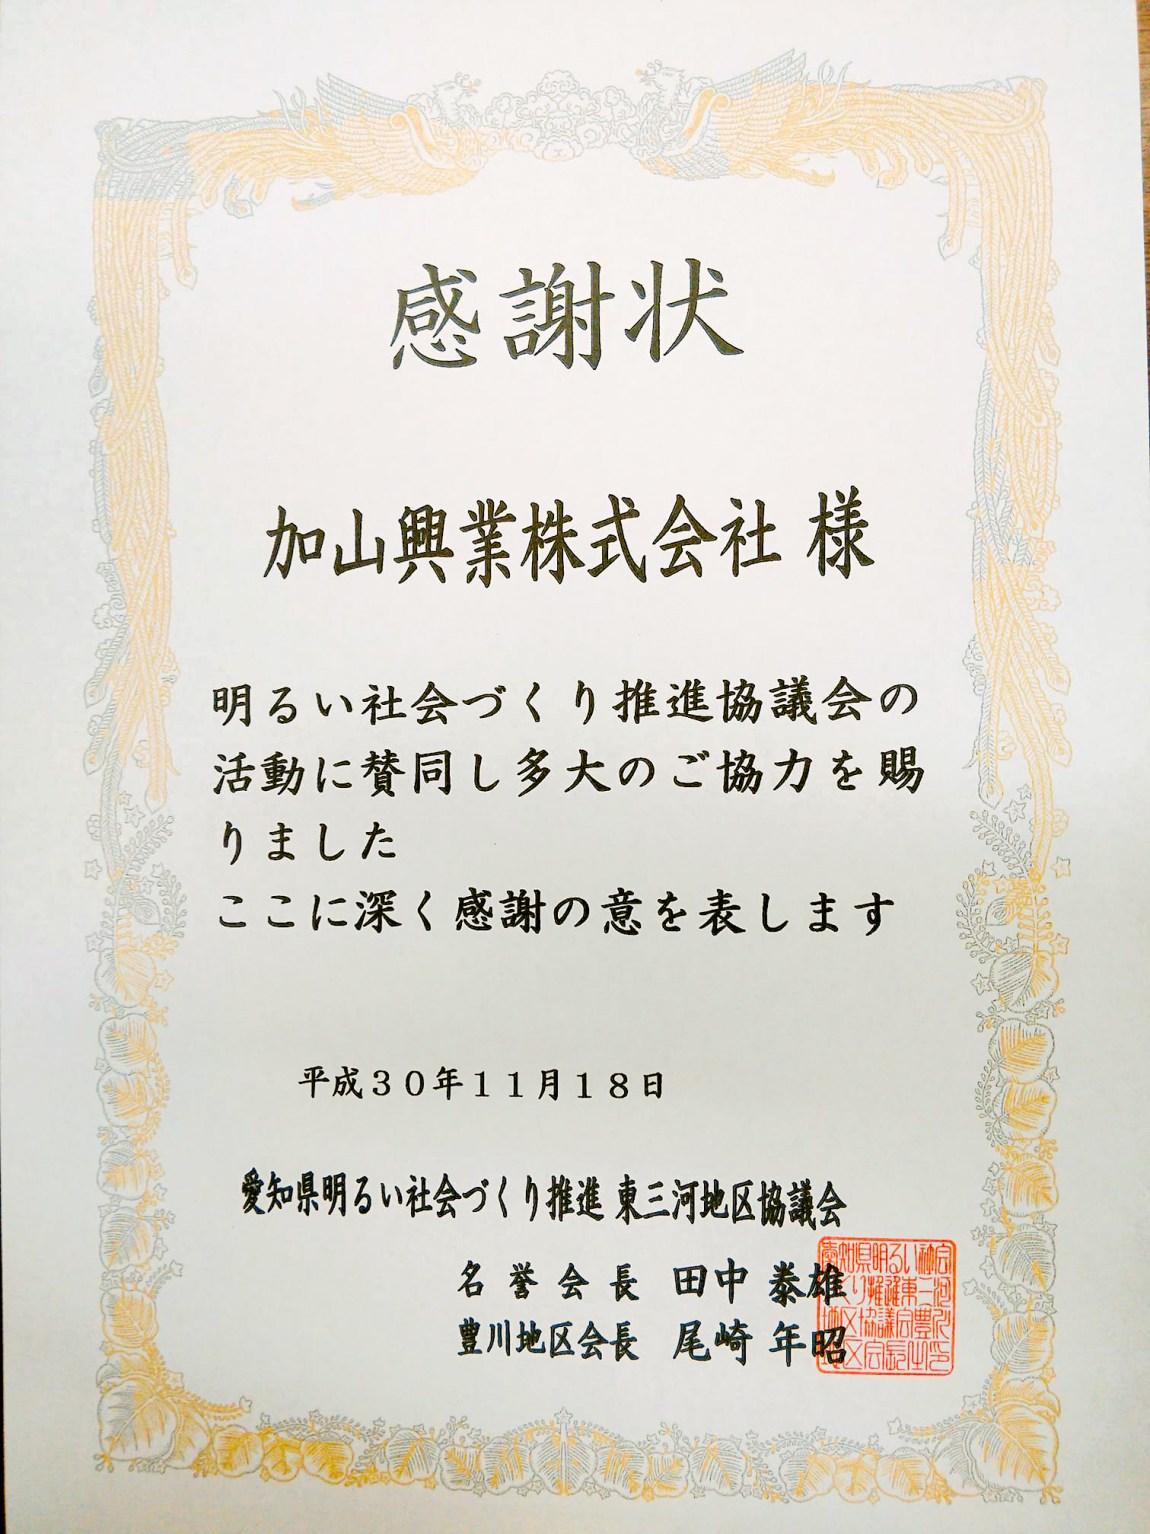 愛知県明るい社会づくり推進東三河地区協議会より感謝状